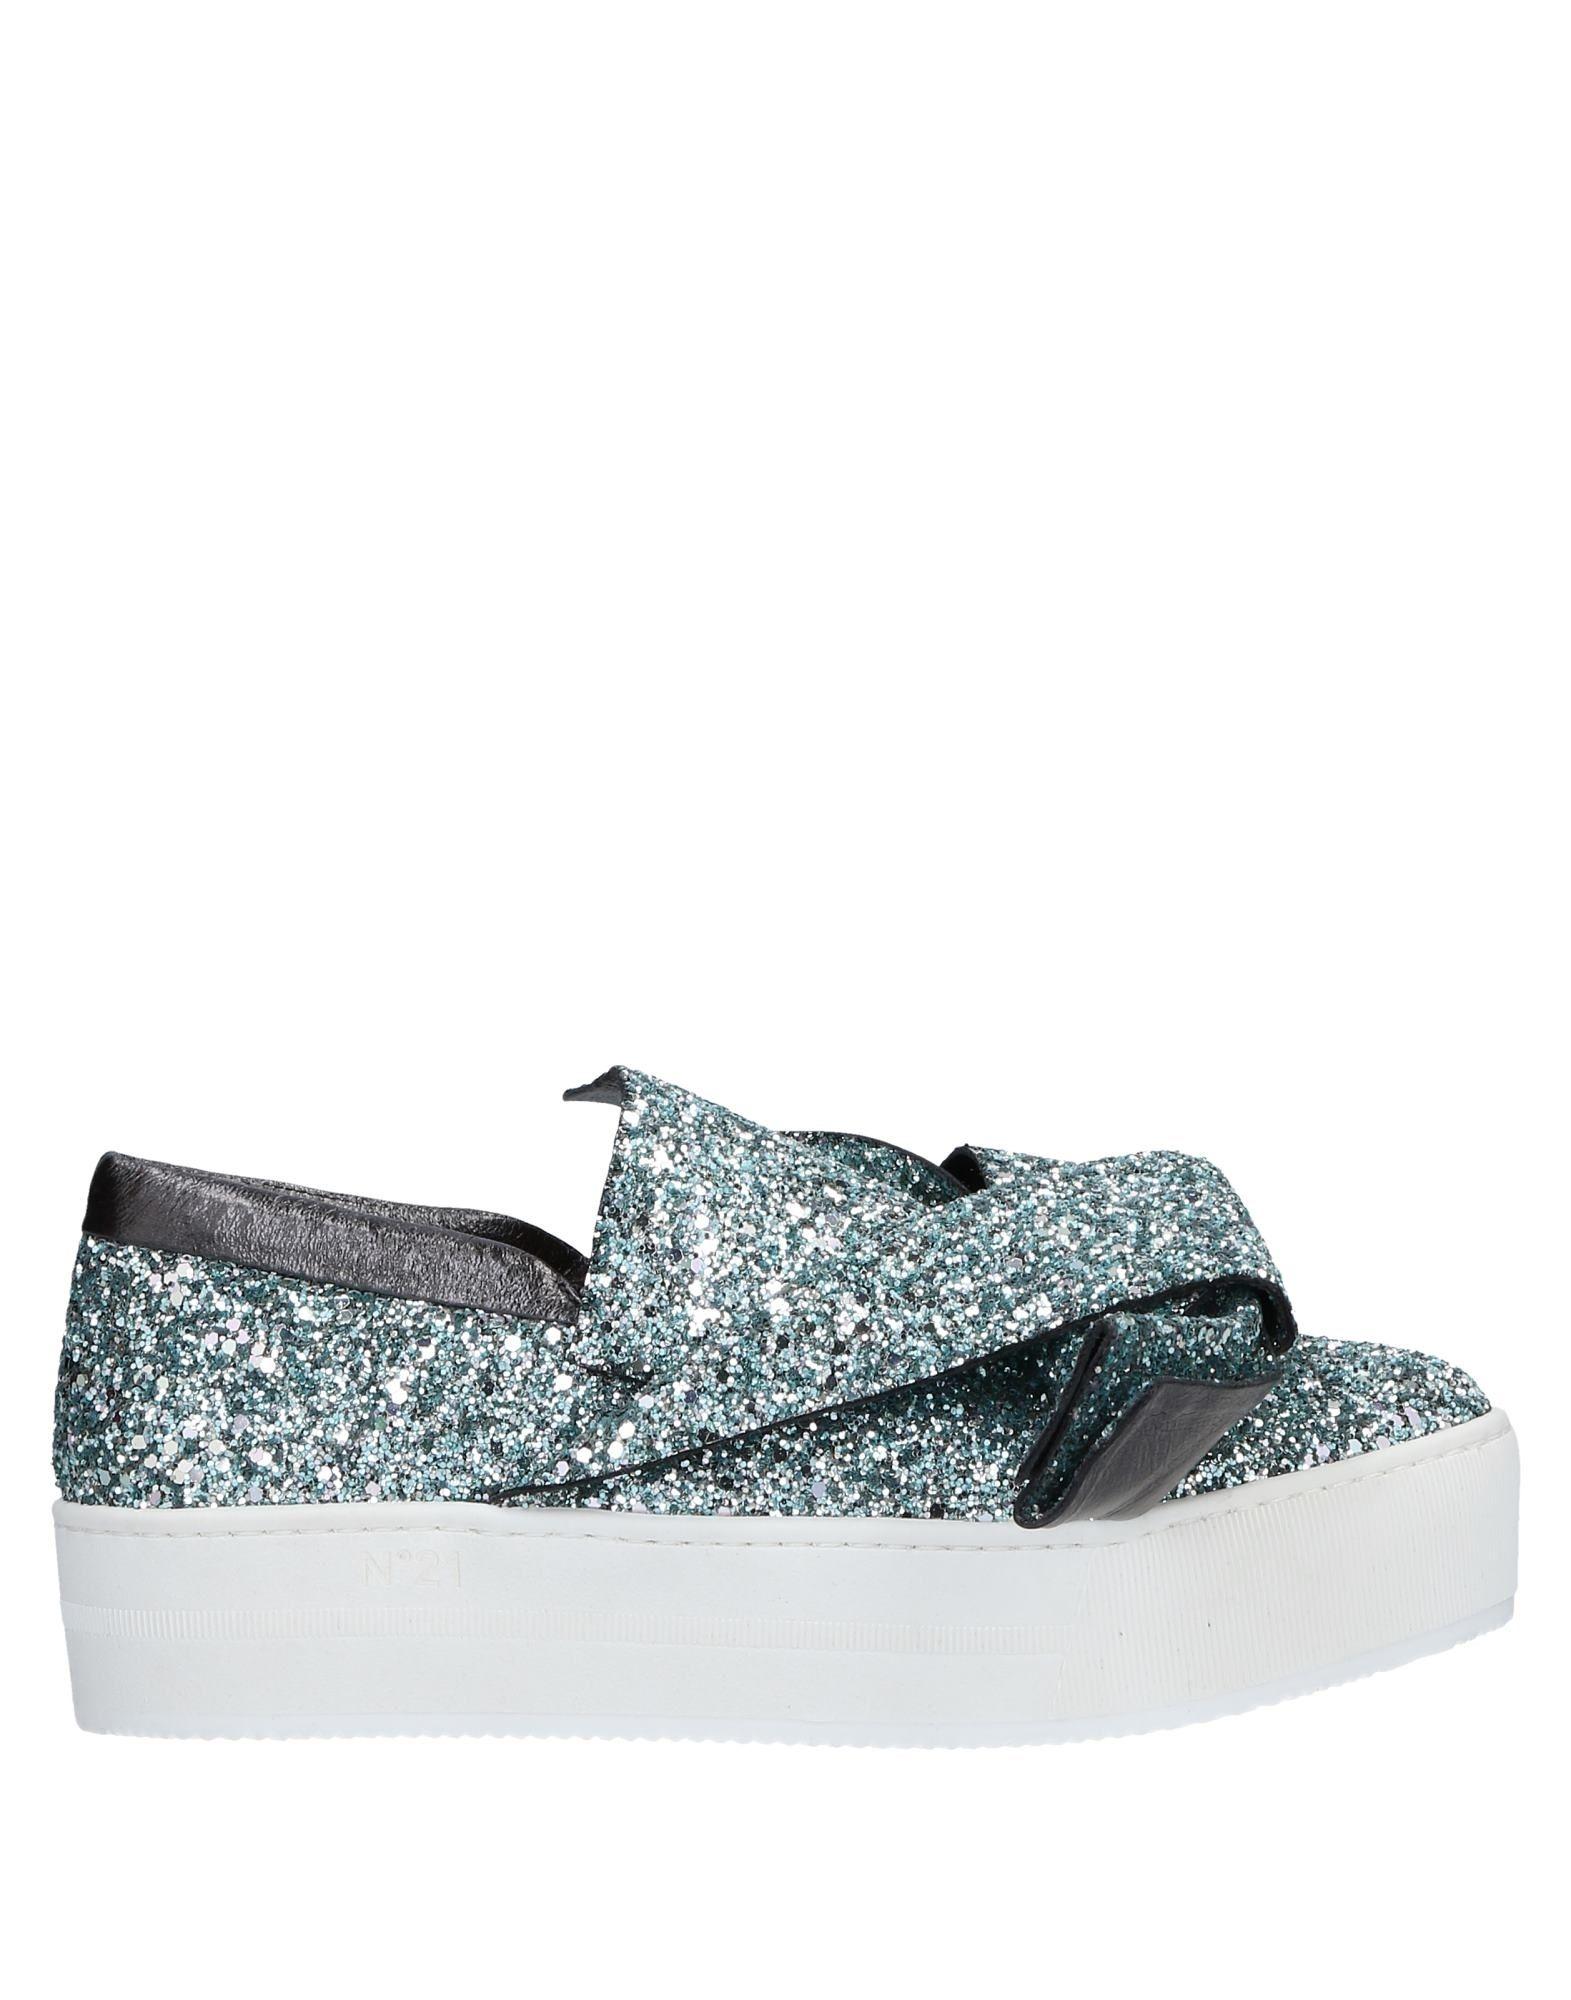 N° 21 Sneakers Damen  11500508VW Beliebte Schuhe